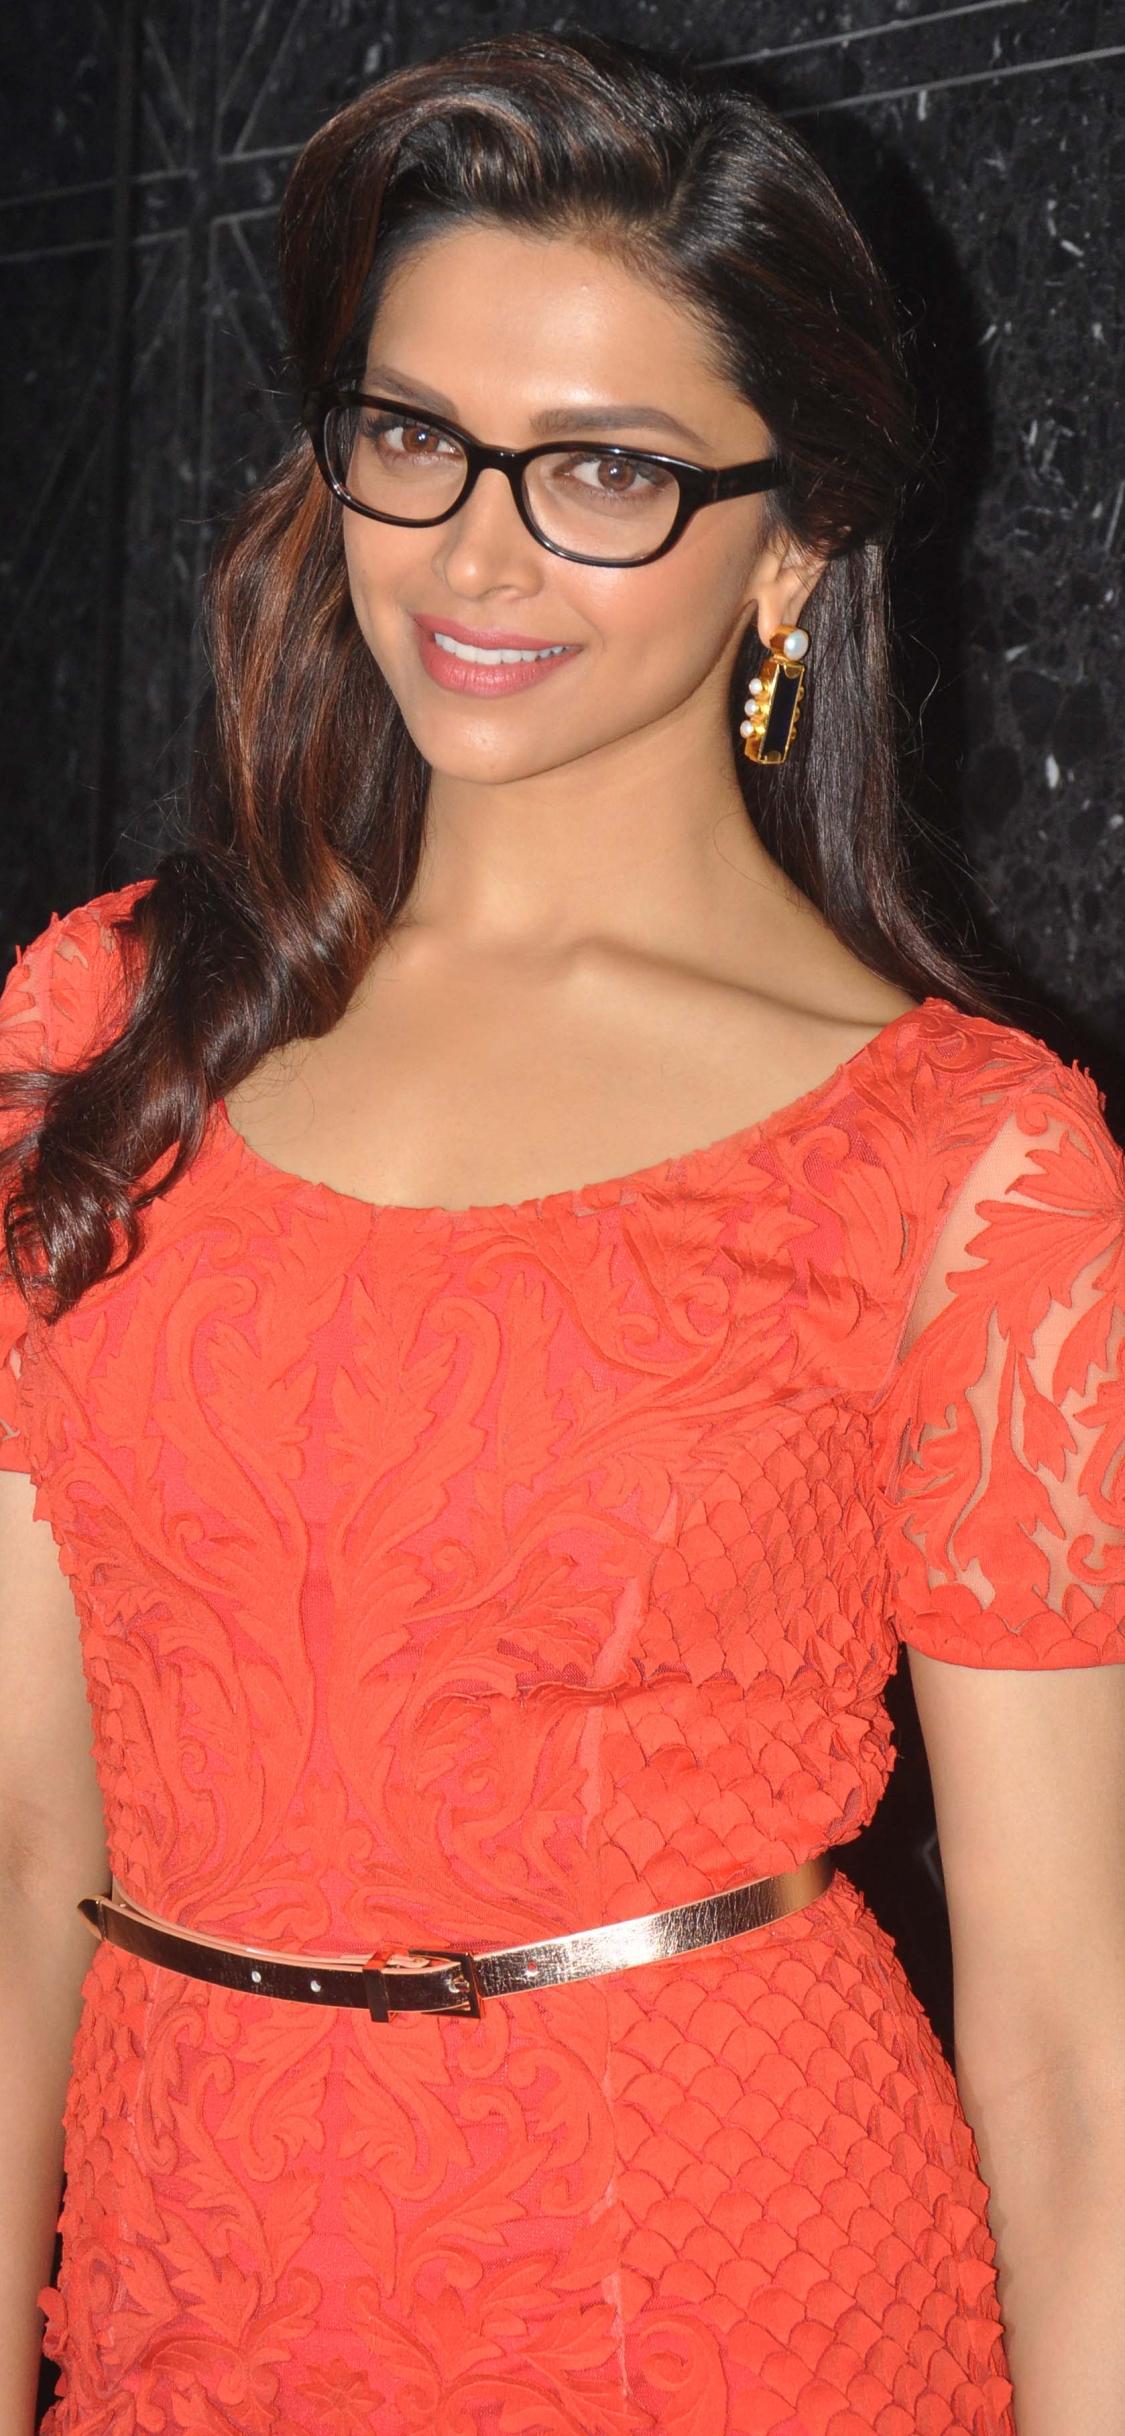 1125x2436 Deepika Padukone Vogue Eyewear Collection Iphone ...